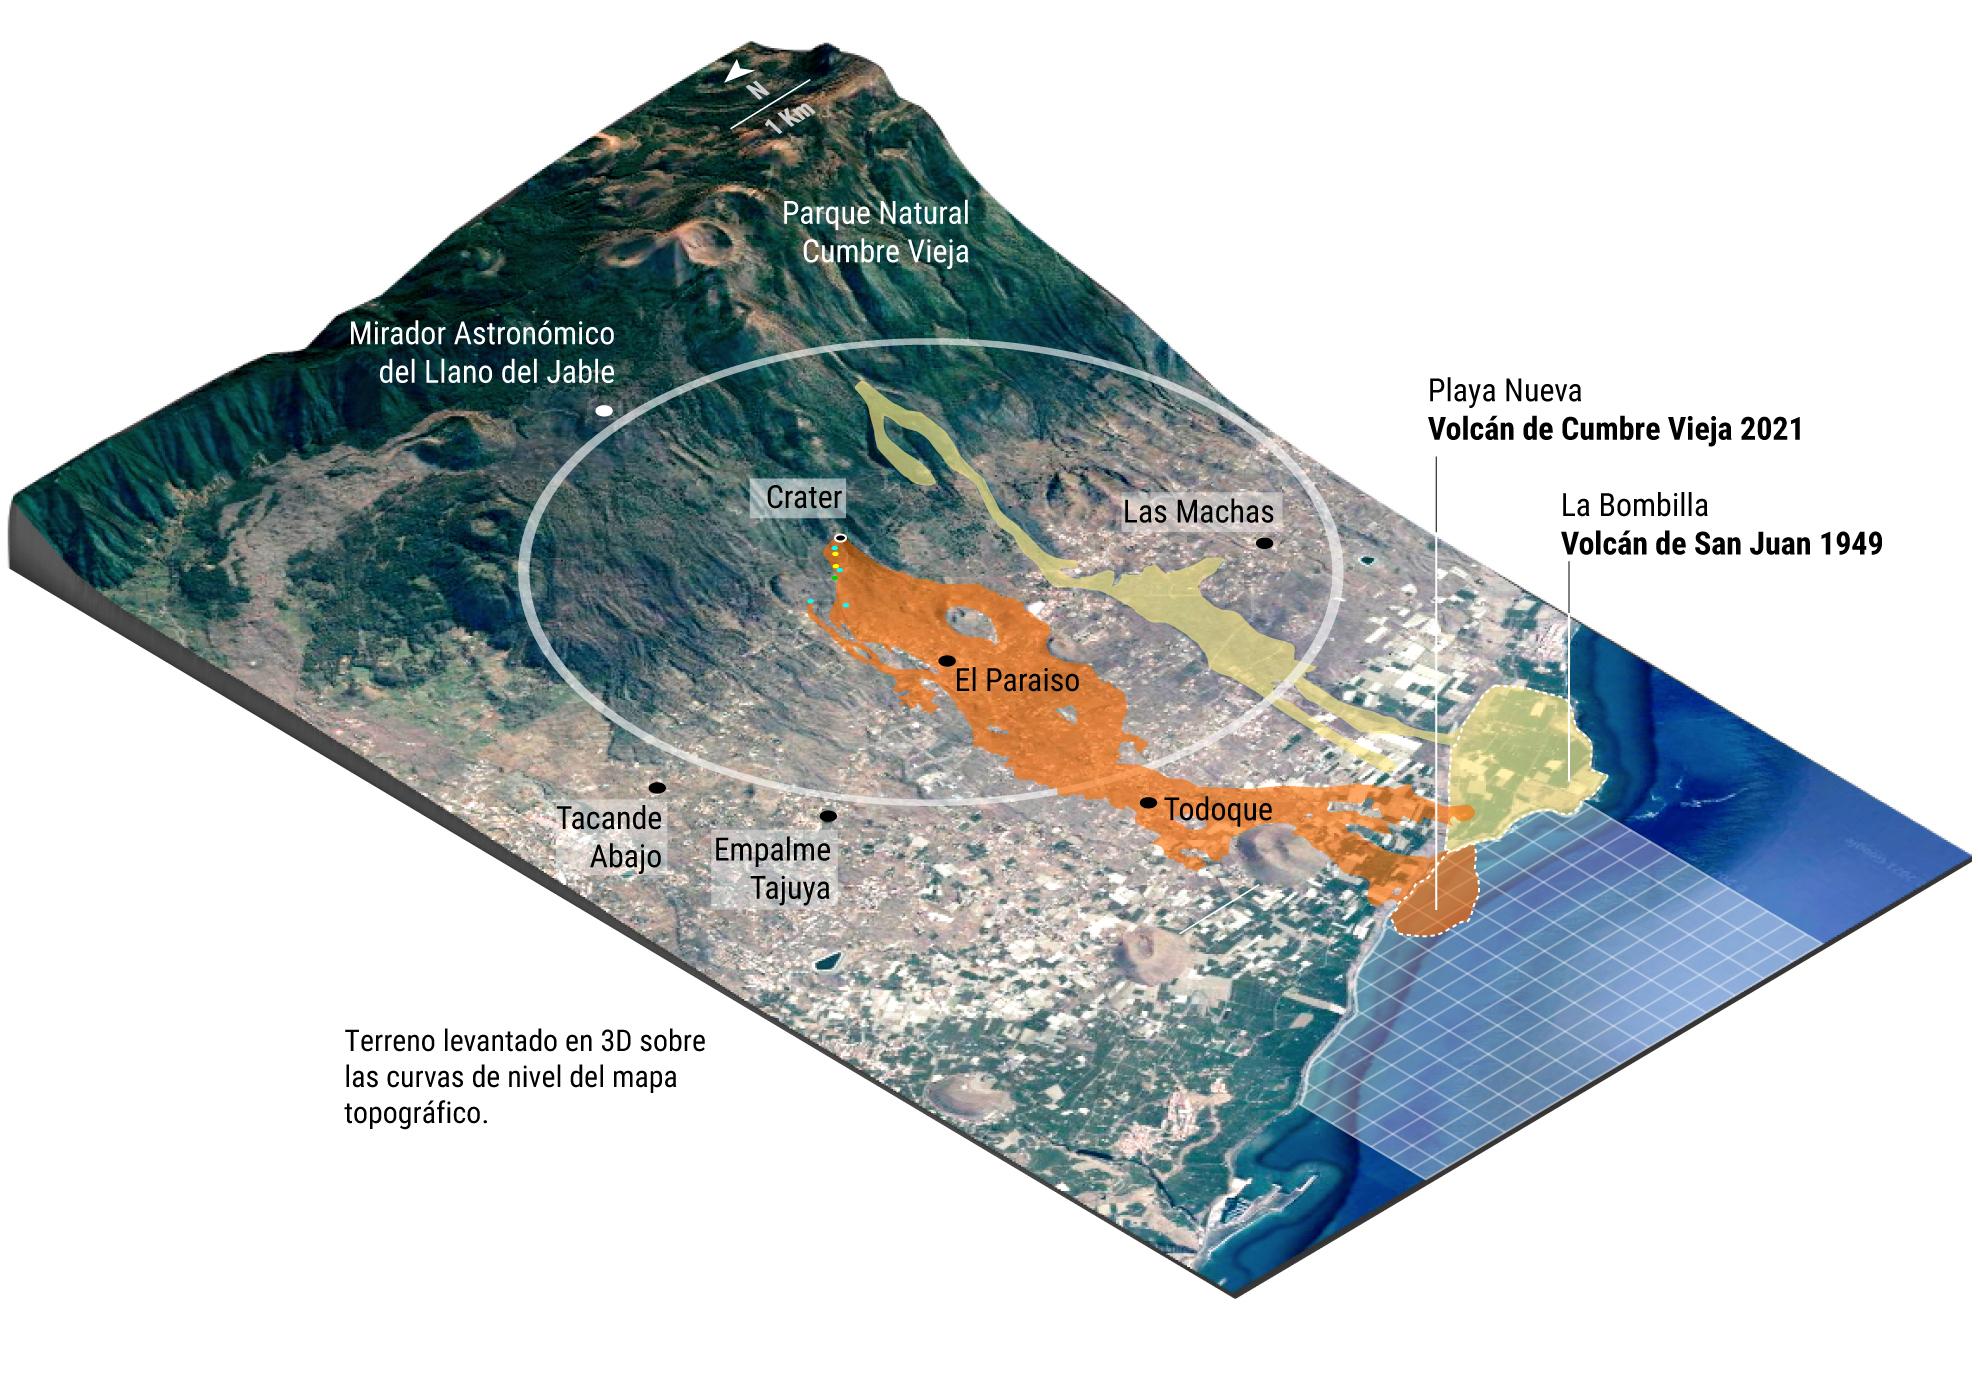 Las zonas arrasadas por el volcán de Cumbre Vieja superan ya a las de la gran erupción de 1949